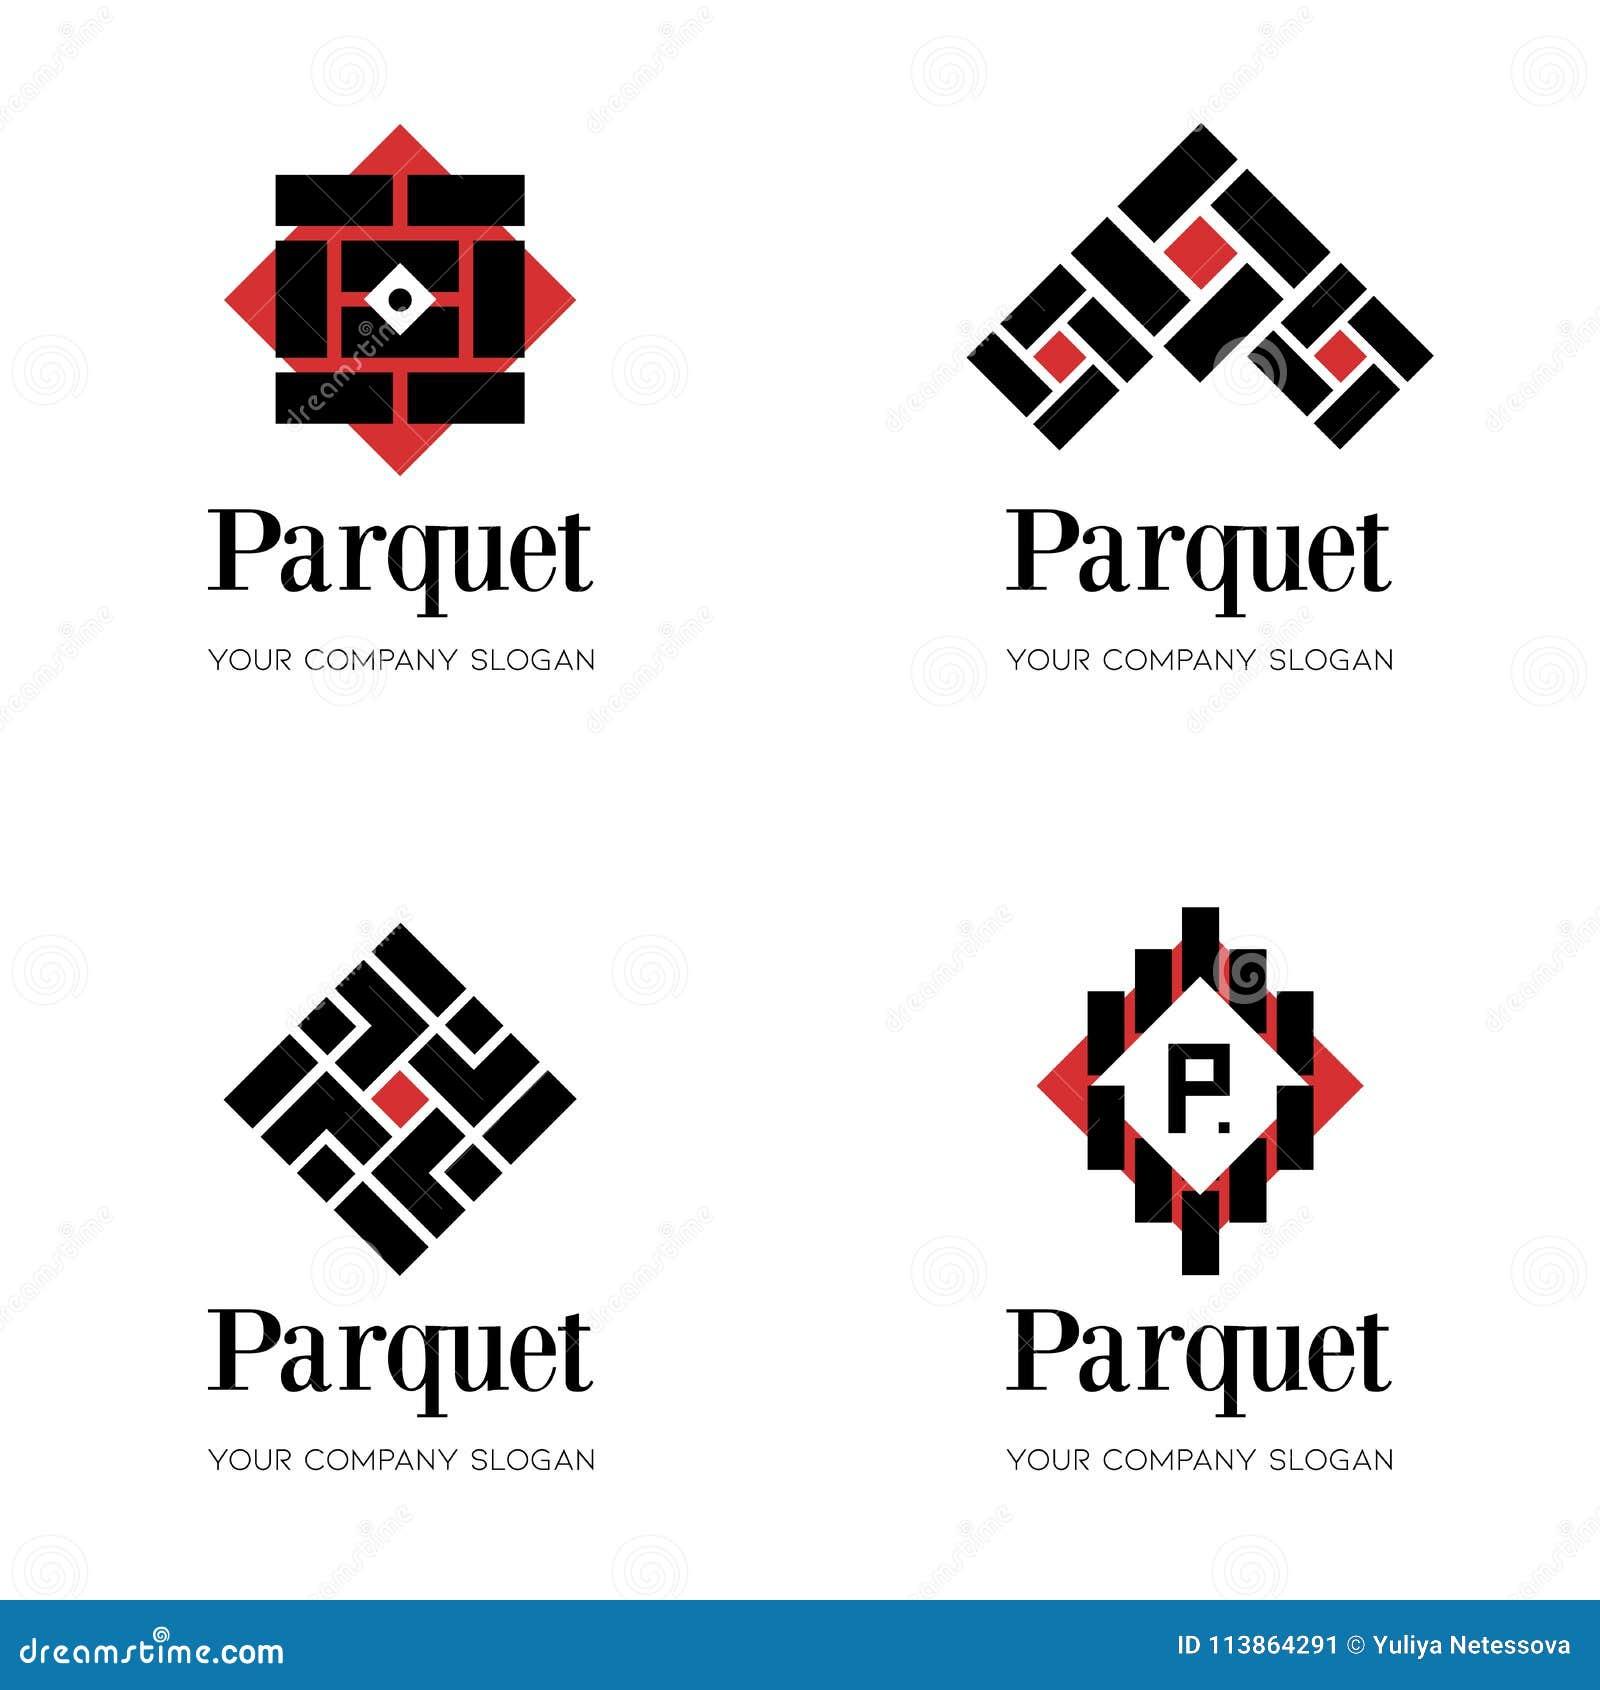 Parkettlogomall Durklogomall Abstrakta logodesignmallar för parkettföretag som däckar företaget